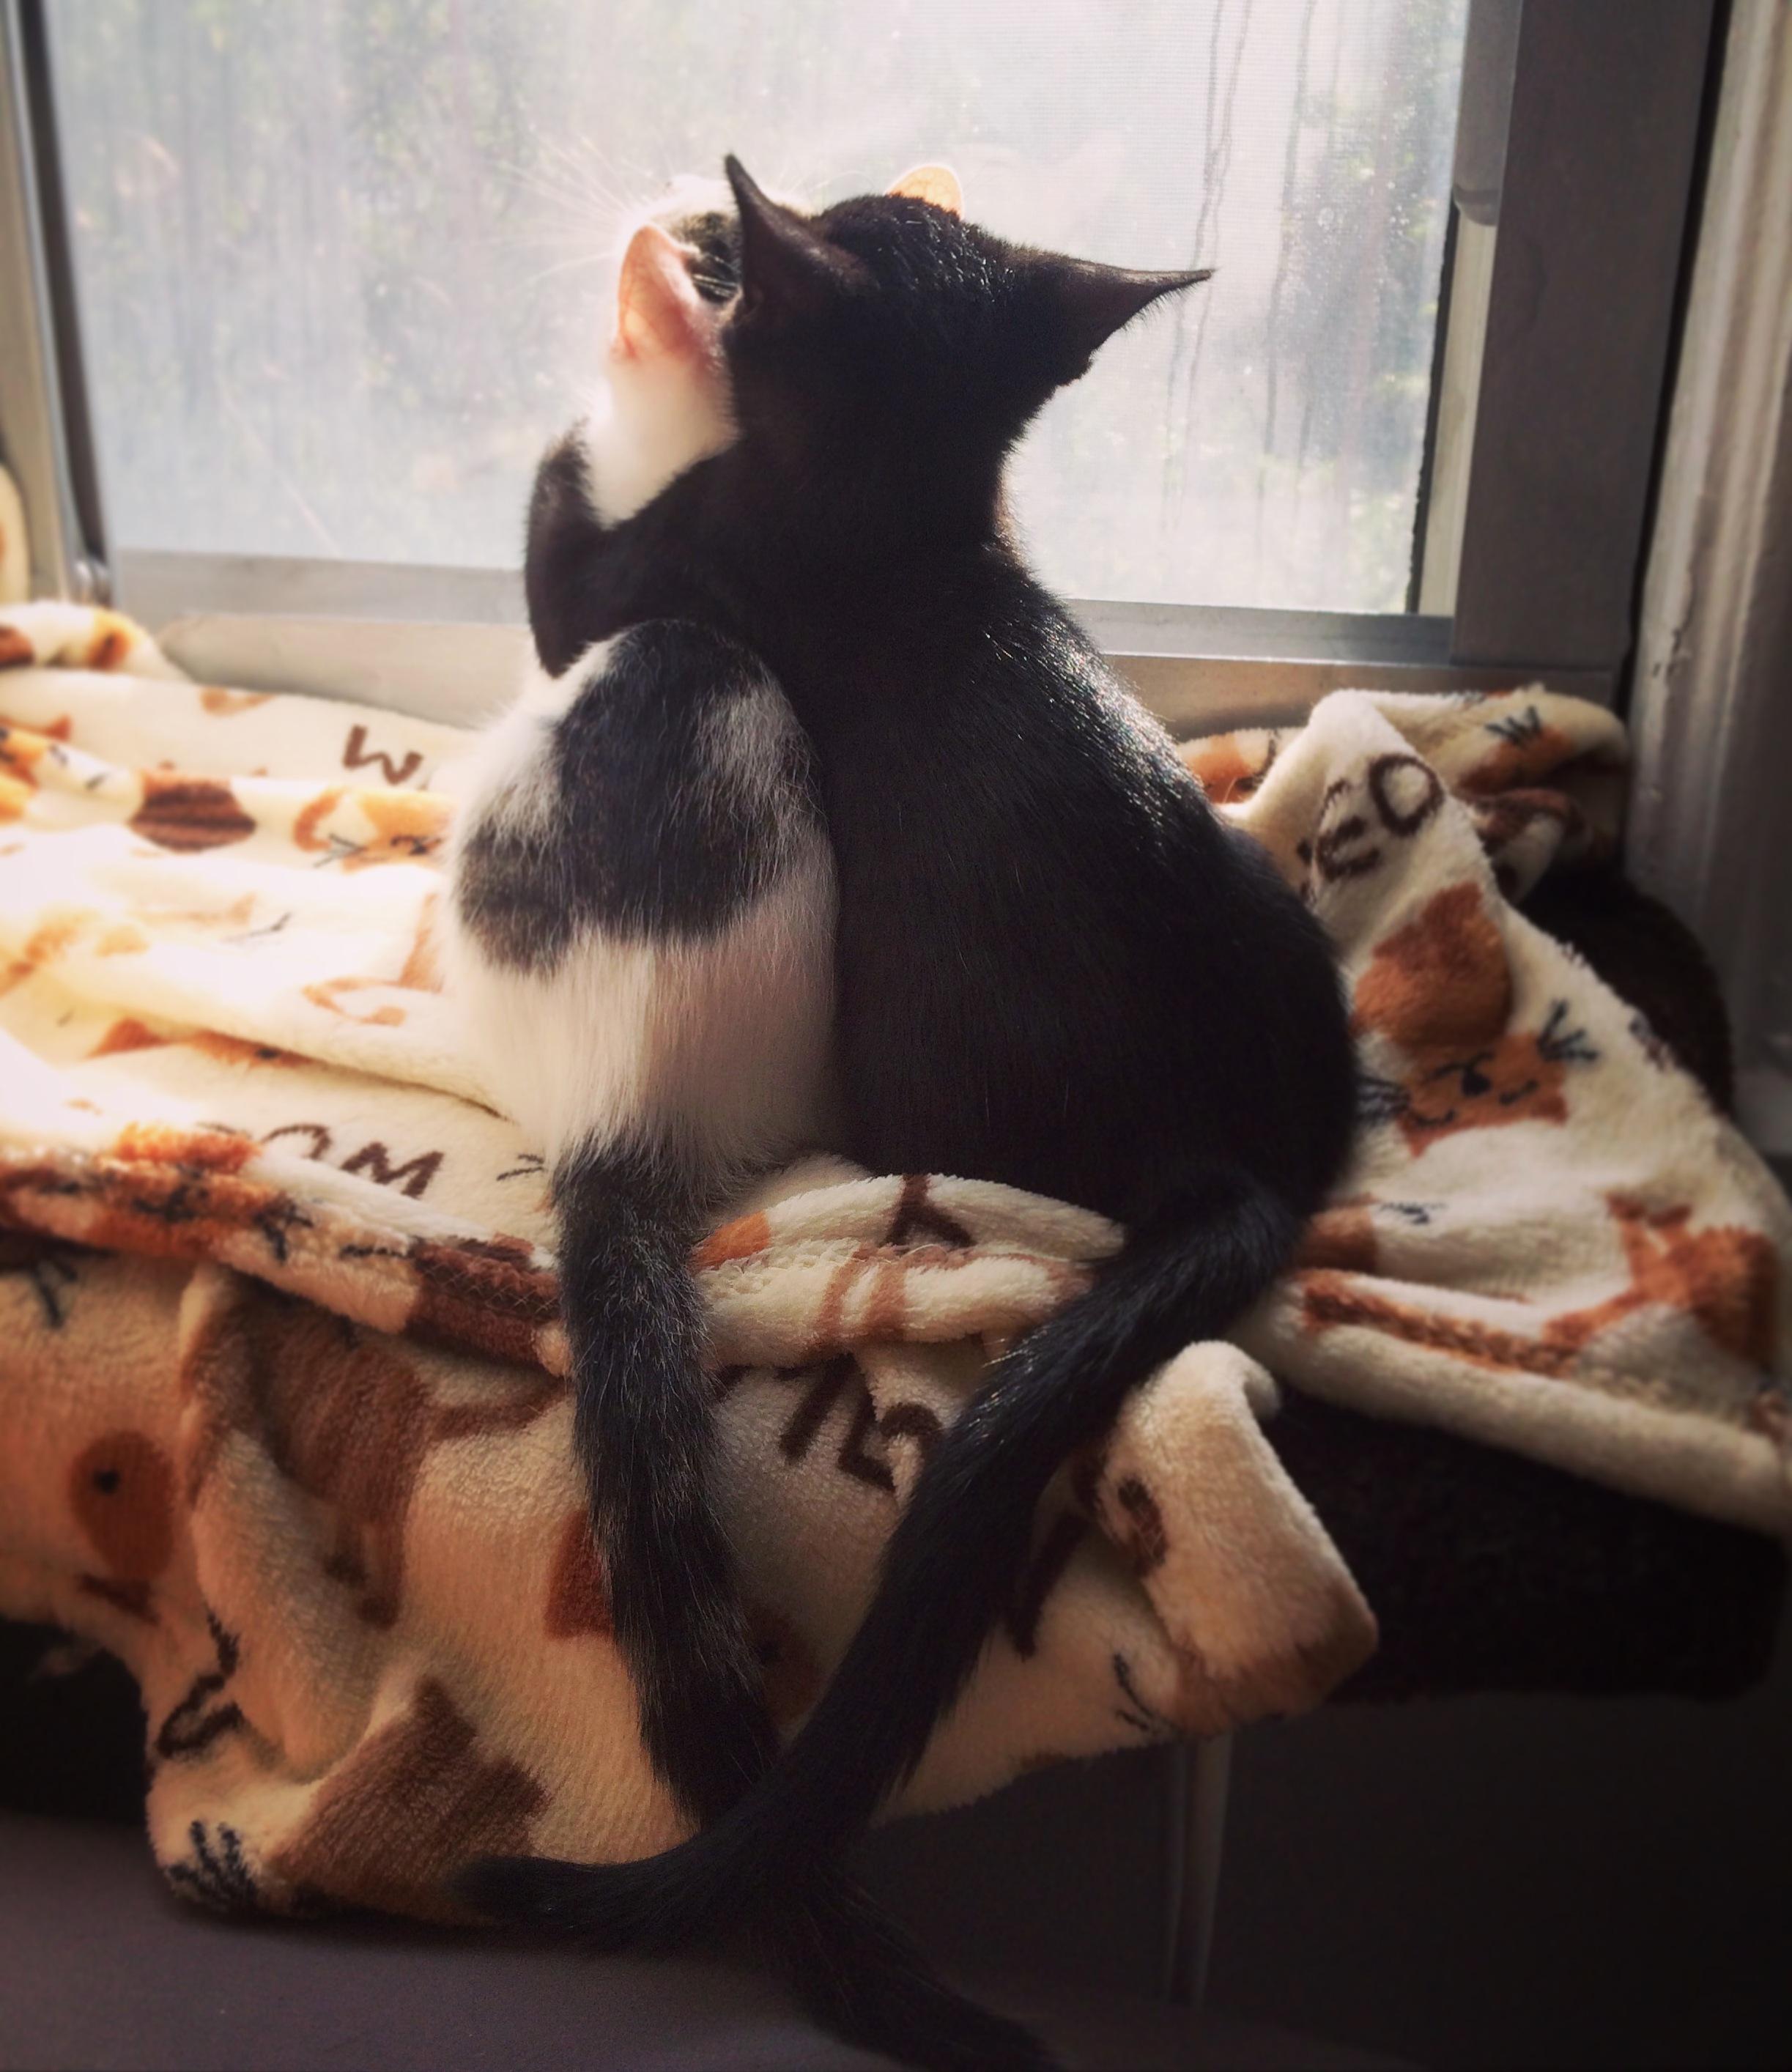 My foster kittens being best buddies